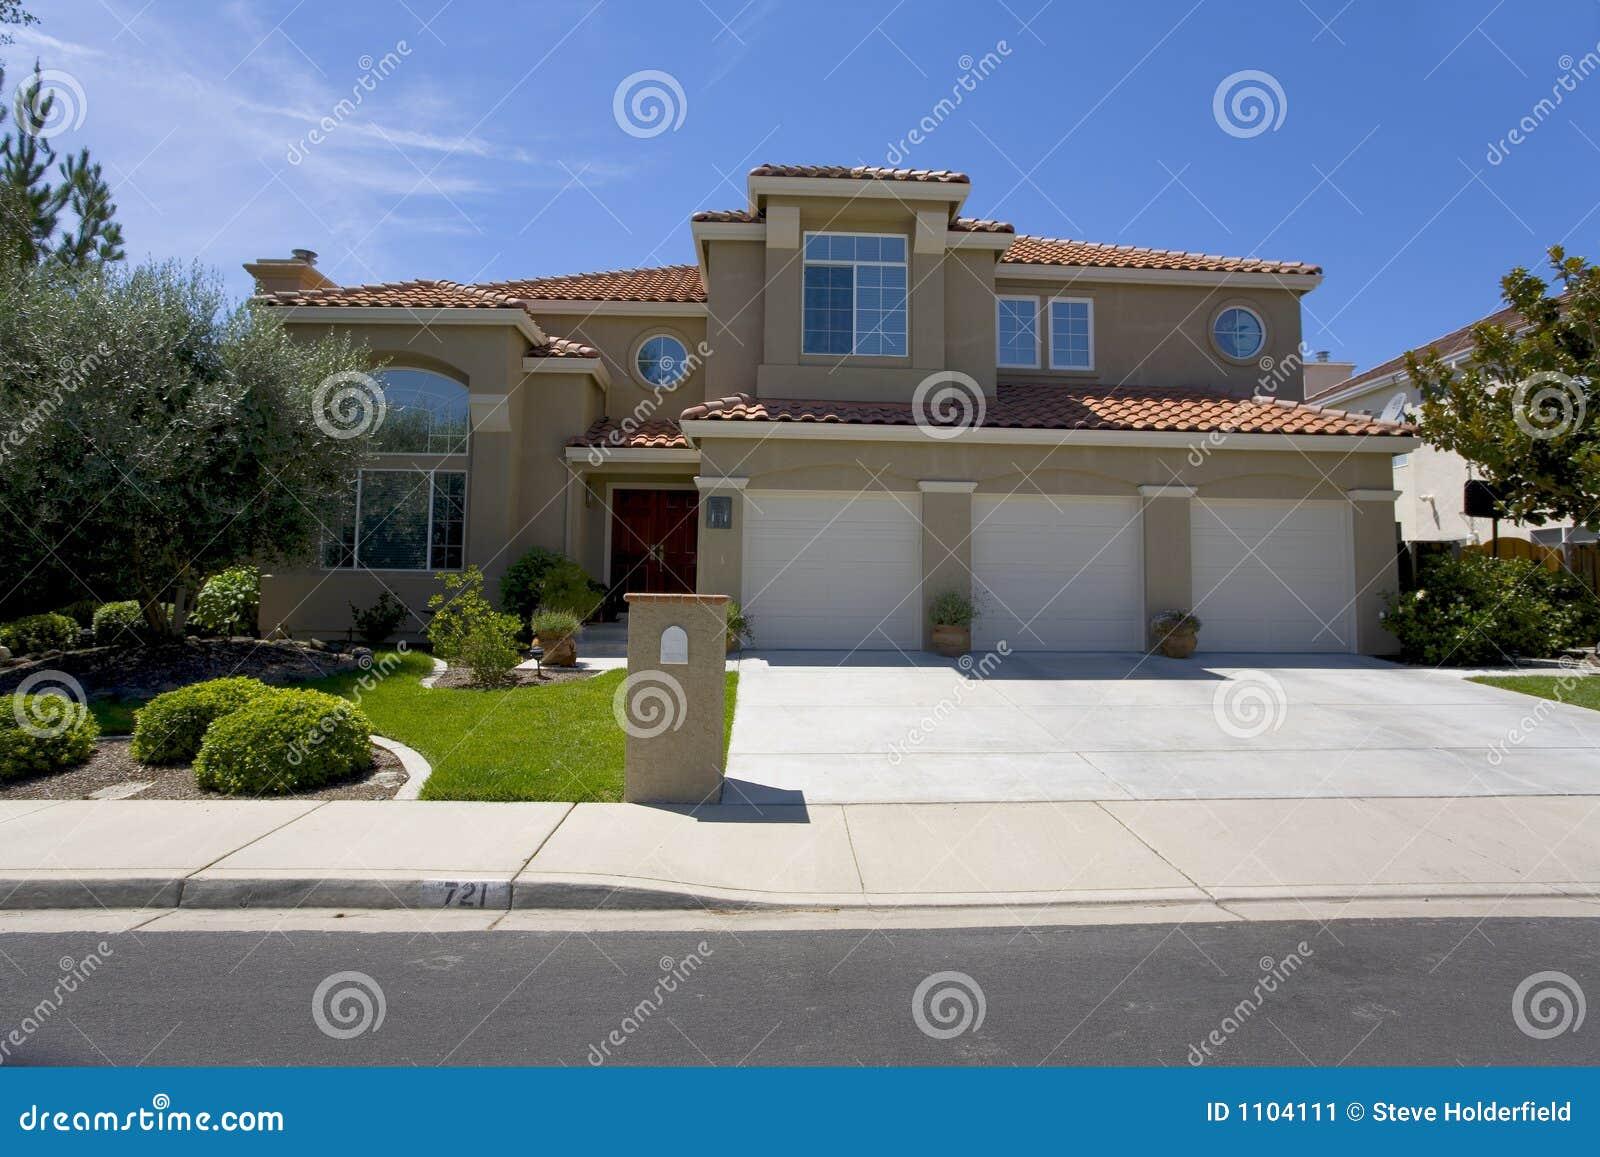 Grande maison de luxe de stuc image stock image 1104111 - Rever d une grande maison ...